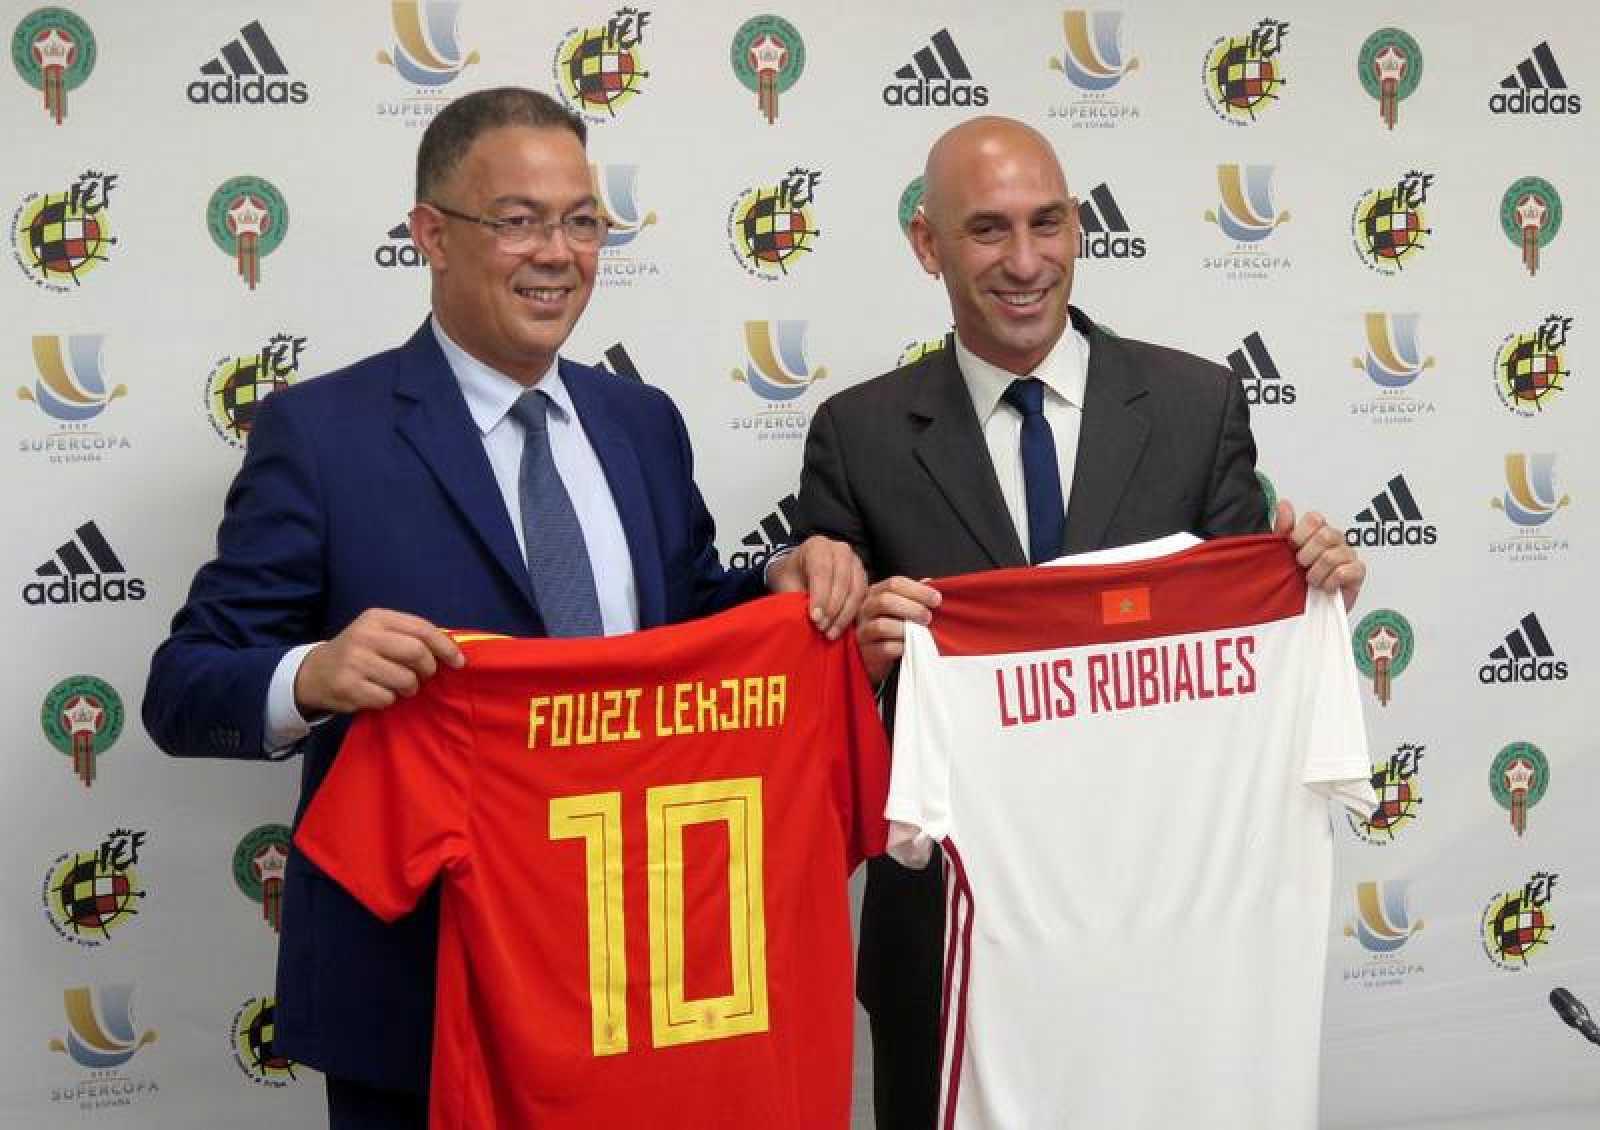 Mundial de fútbol en Portugal y España, ¿interesa?